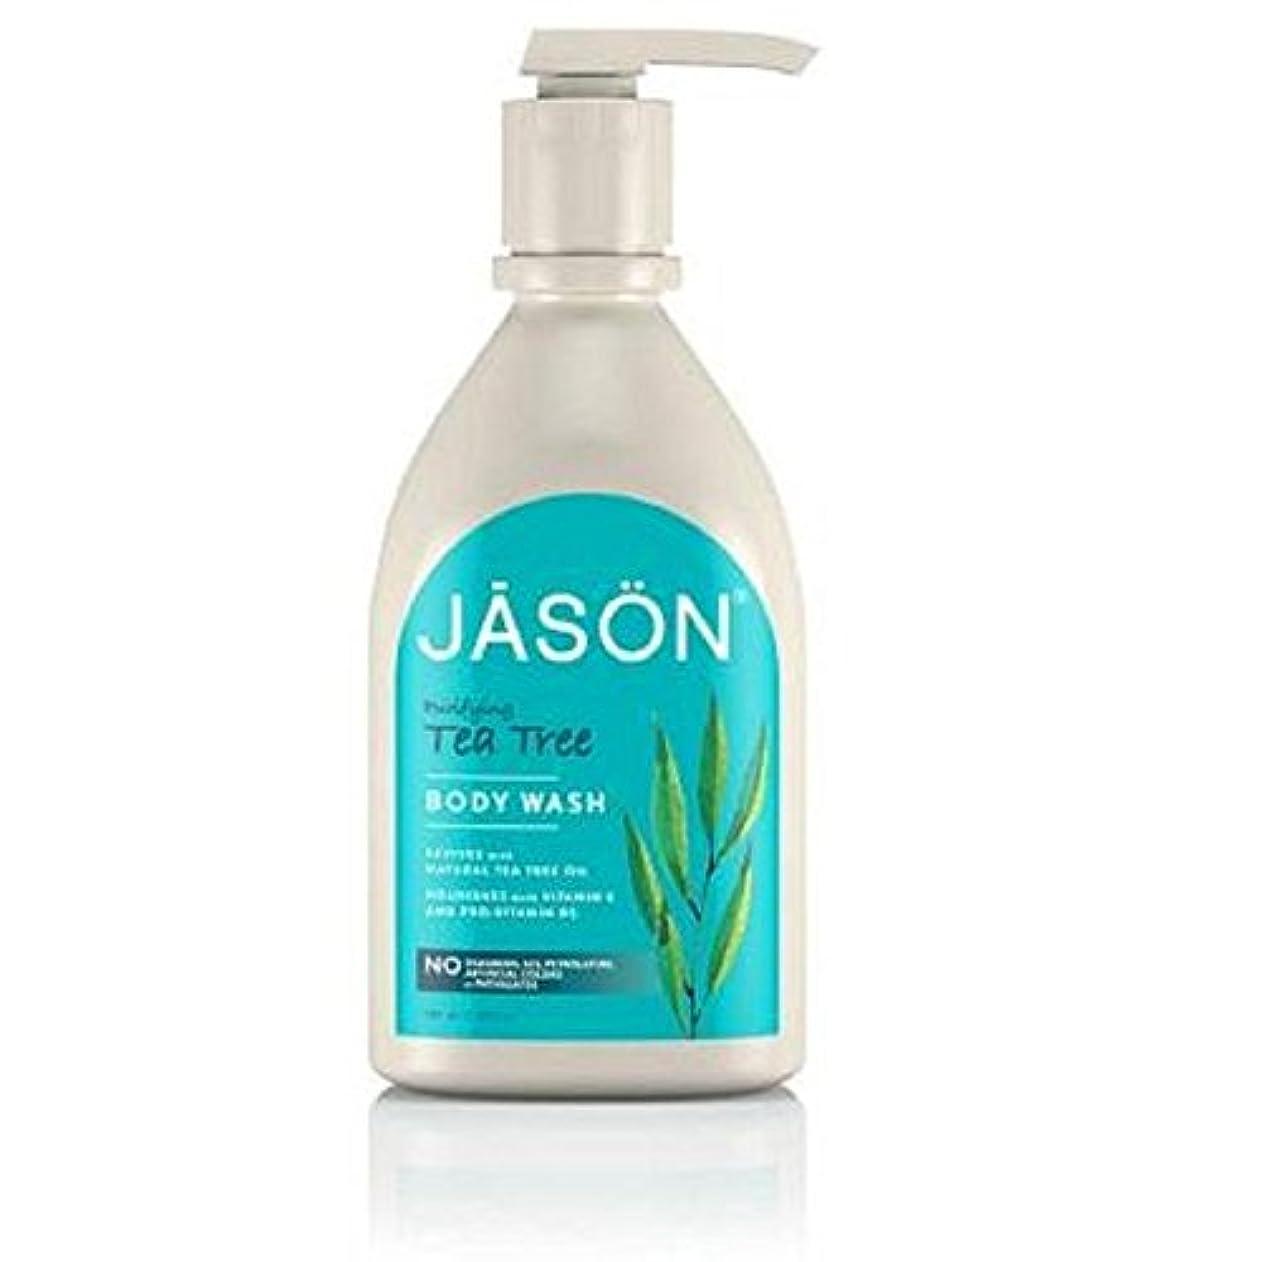 民間雰囲気性的ジェイソン?ティーツリーサテンボディウォッシュポンプ900ミリリットル x4 - Jason Tea Tree Satin Body Wash Pump 900ml (Pack of 4) [並行輸入品]